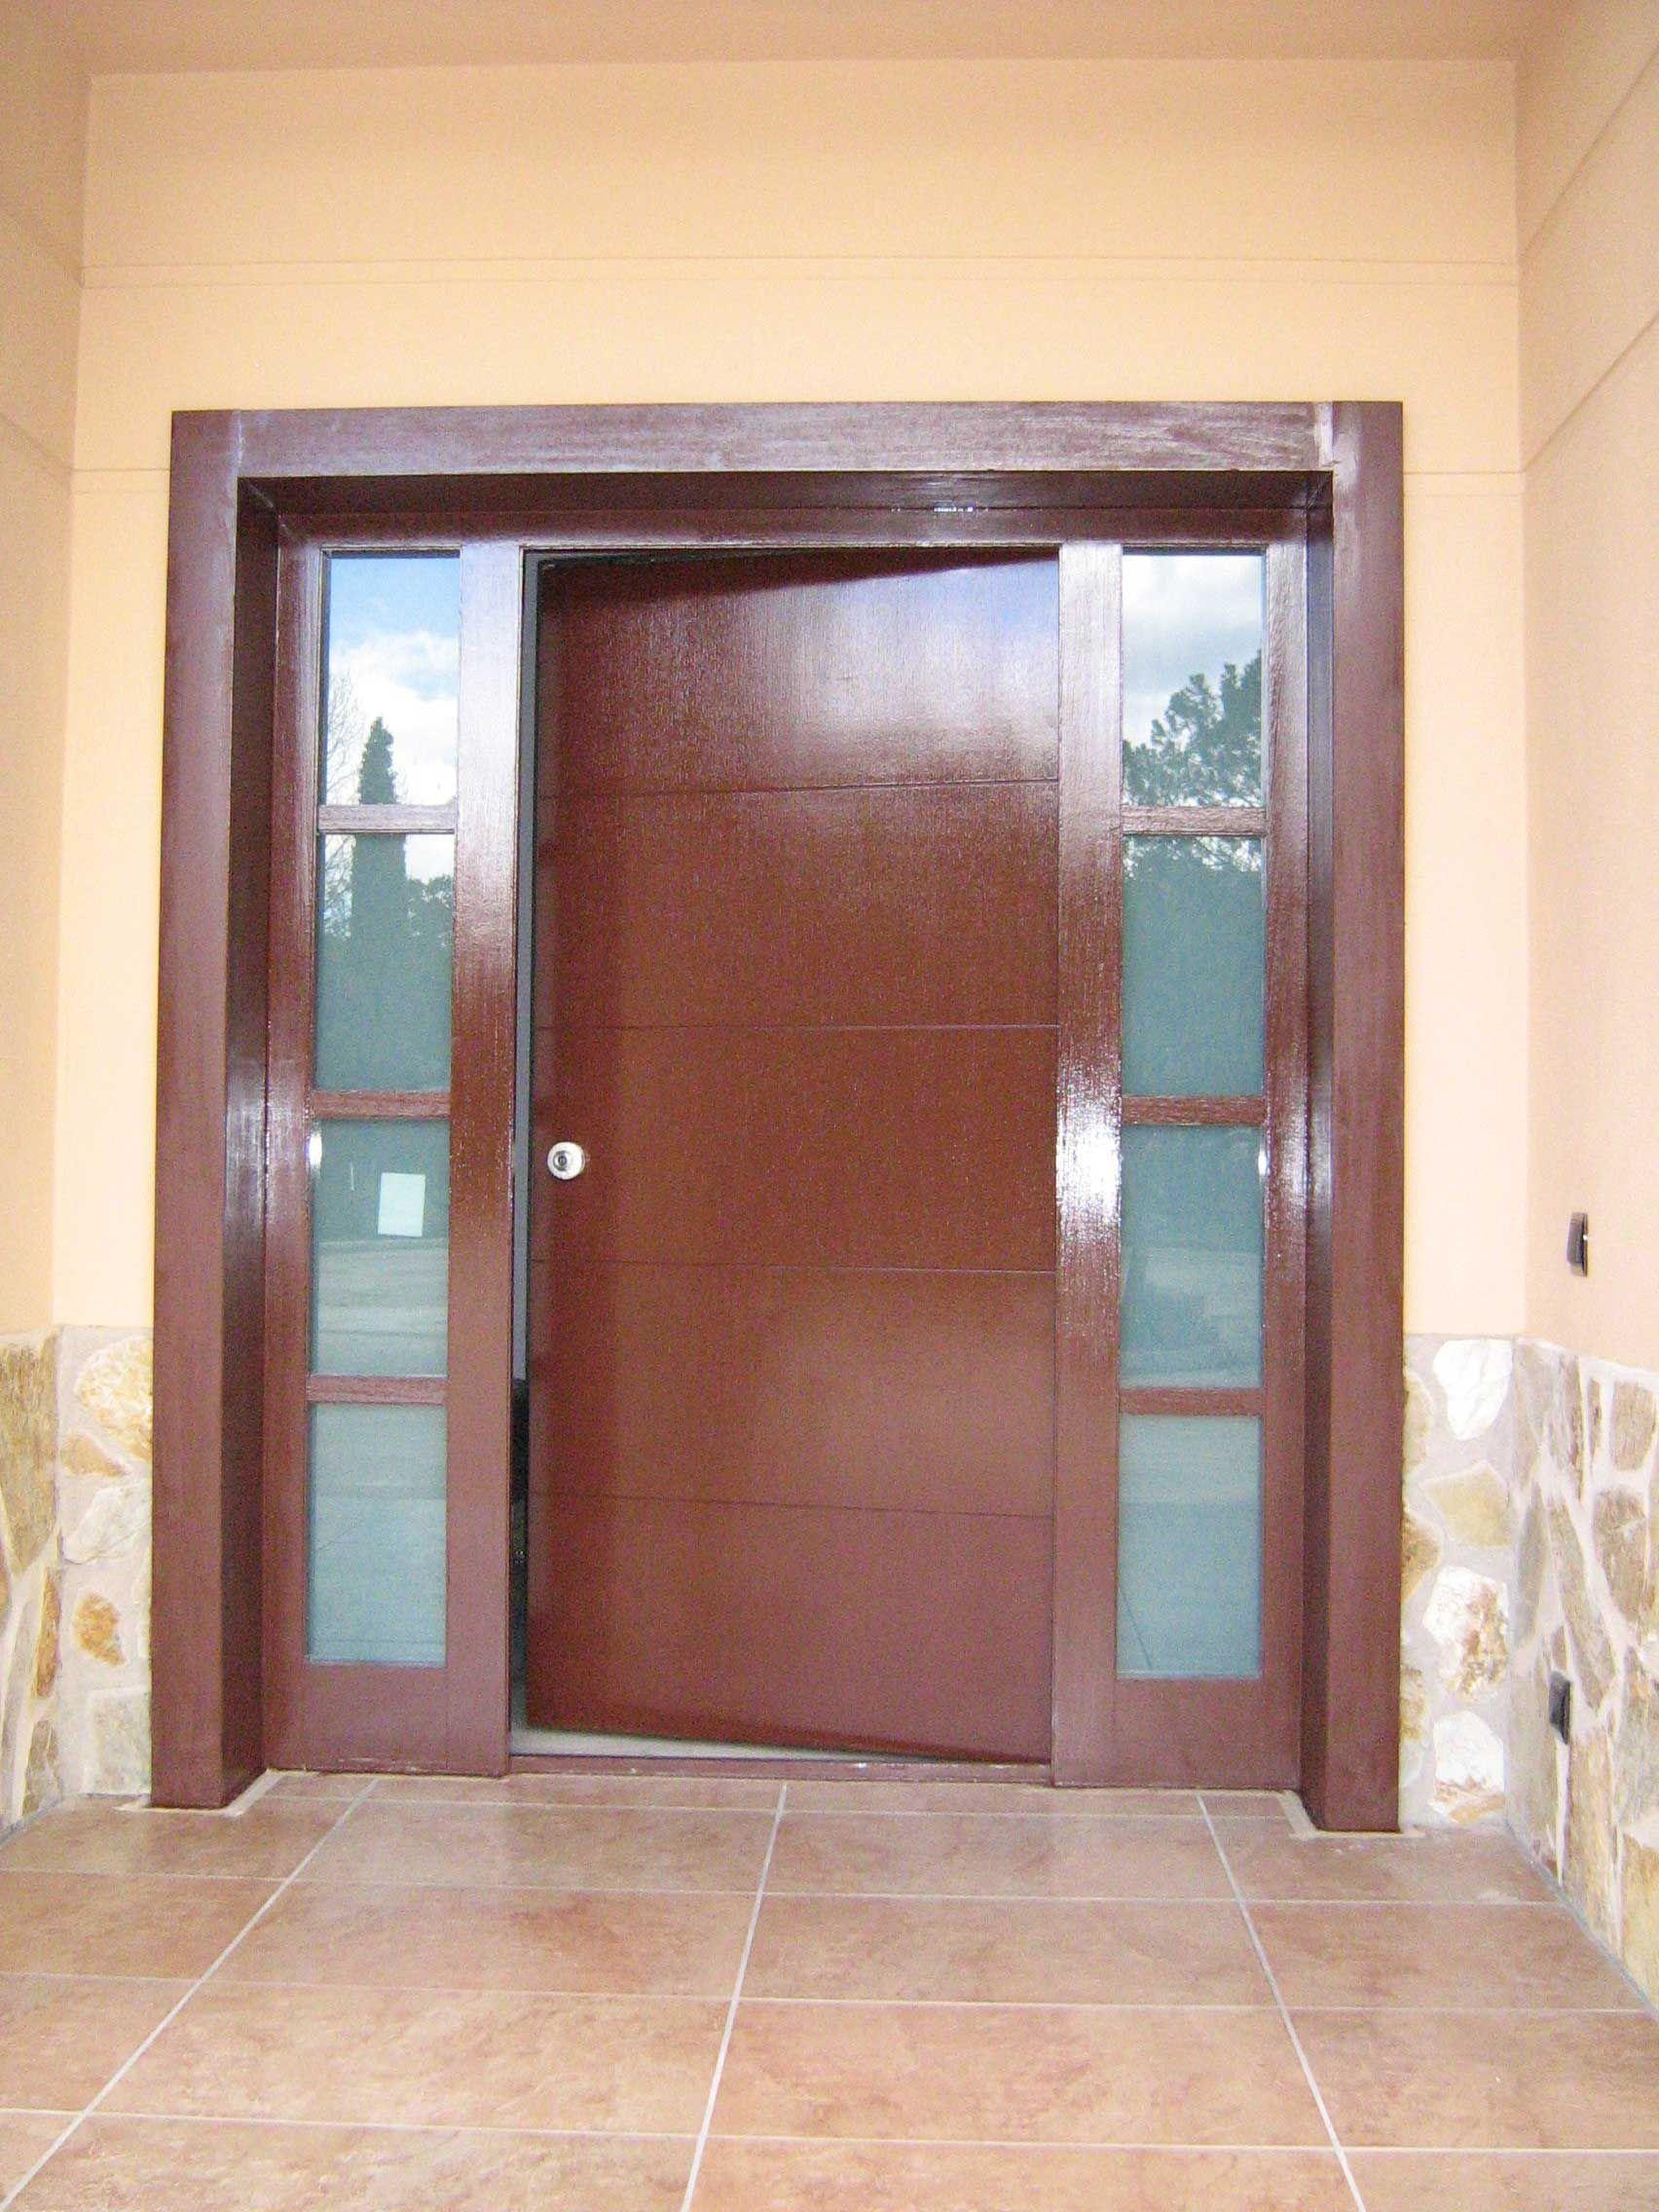 Puertas con decoraci n en vidrio puertas acorazadas for Puertas decoradas con dinosaurios